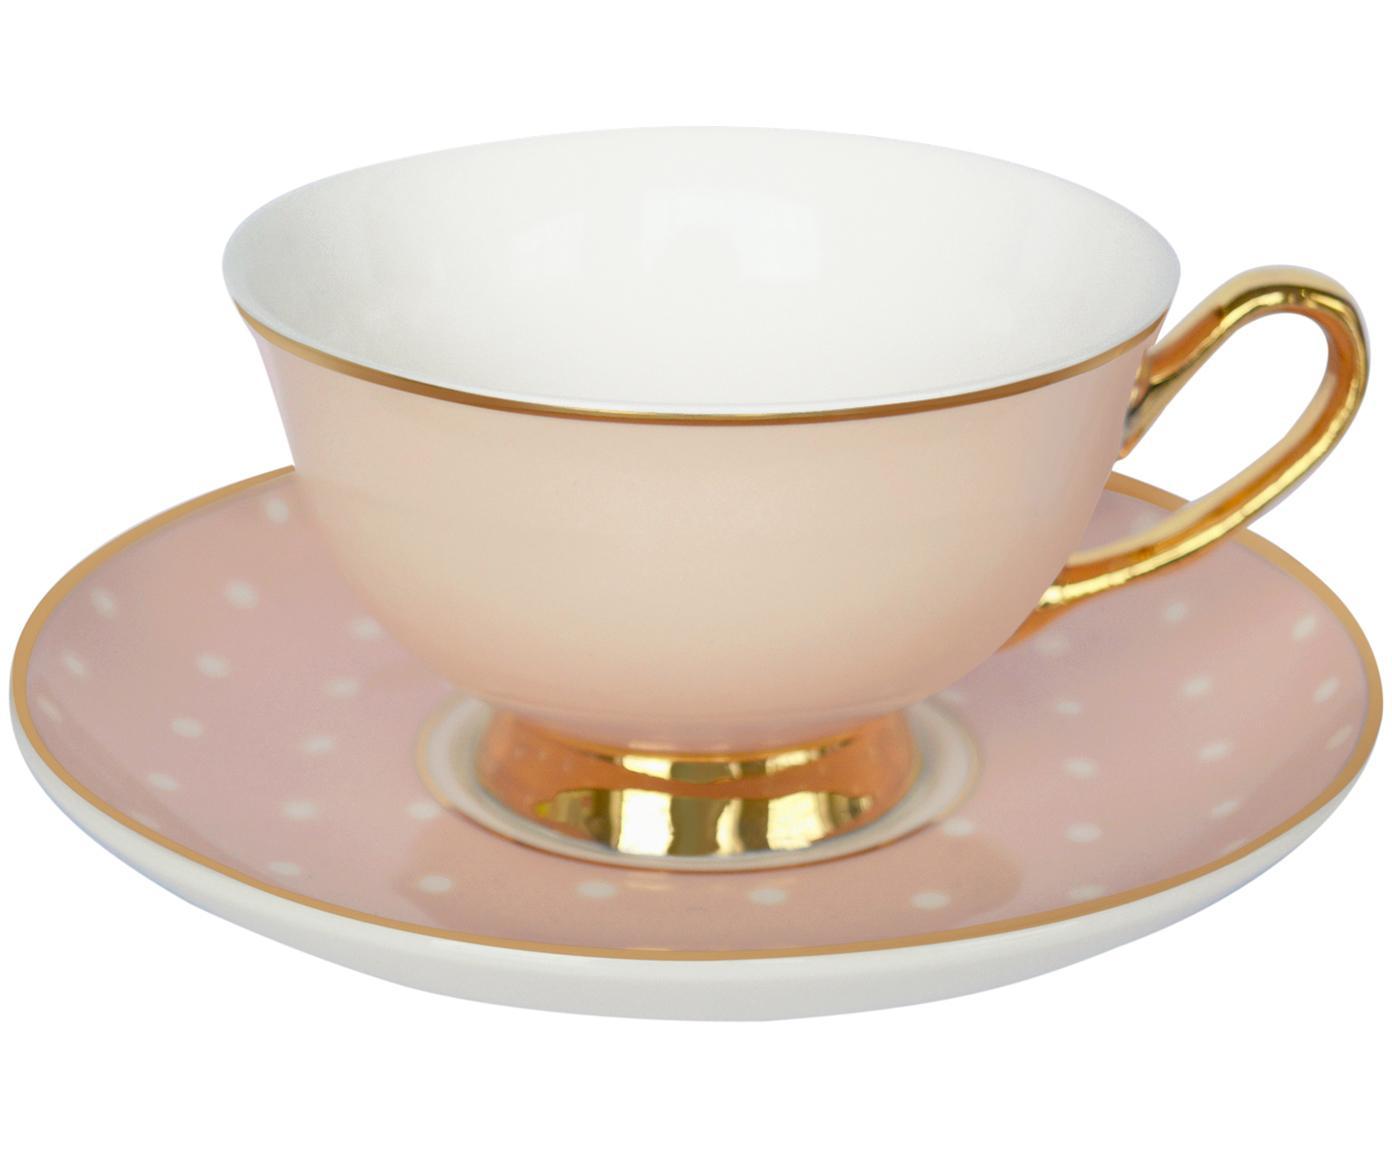 Teetasse mit Untertasse Spotty mit Goldelementen und Punkten, Bone China, vergoldet, Rosa, Weiß<br>Rand und Henkel: Gold, Ø 15 x H 6 cm